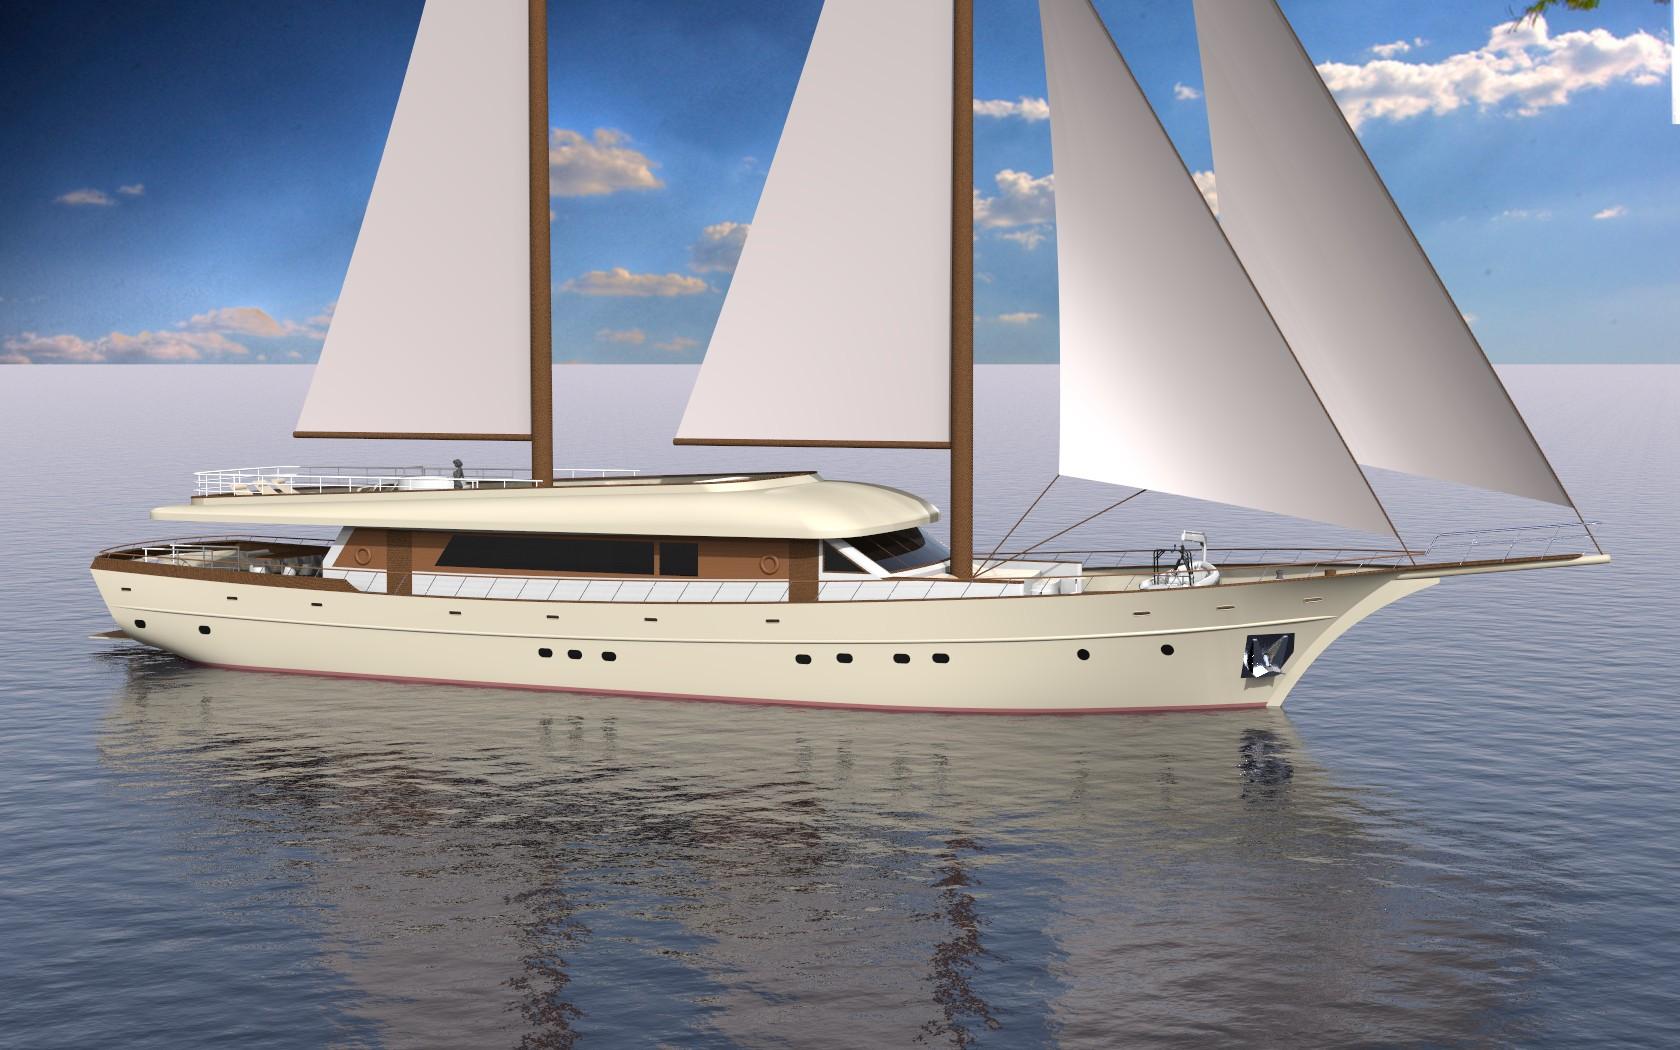 SON DE MAR rendering - Starboard side